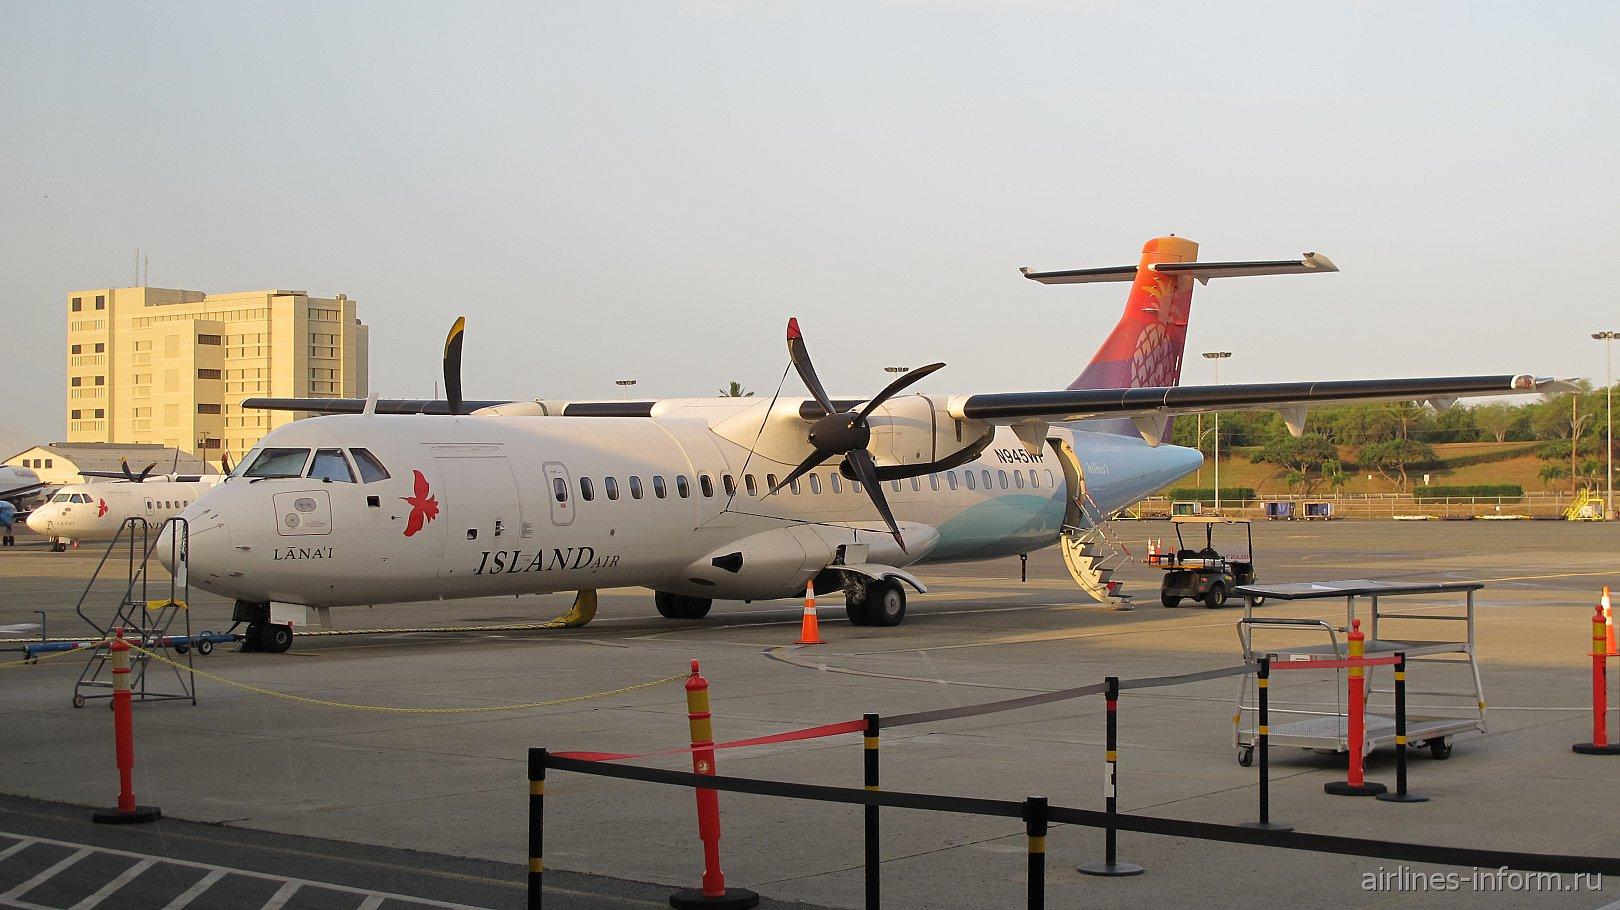 ������� ATR 72 ������������ Island Air � ��������� ��������